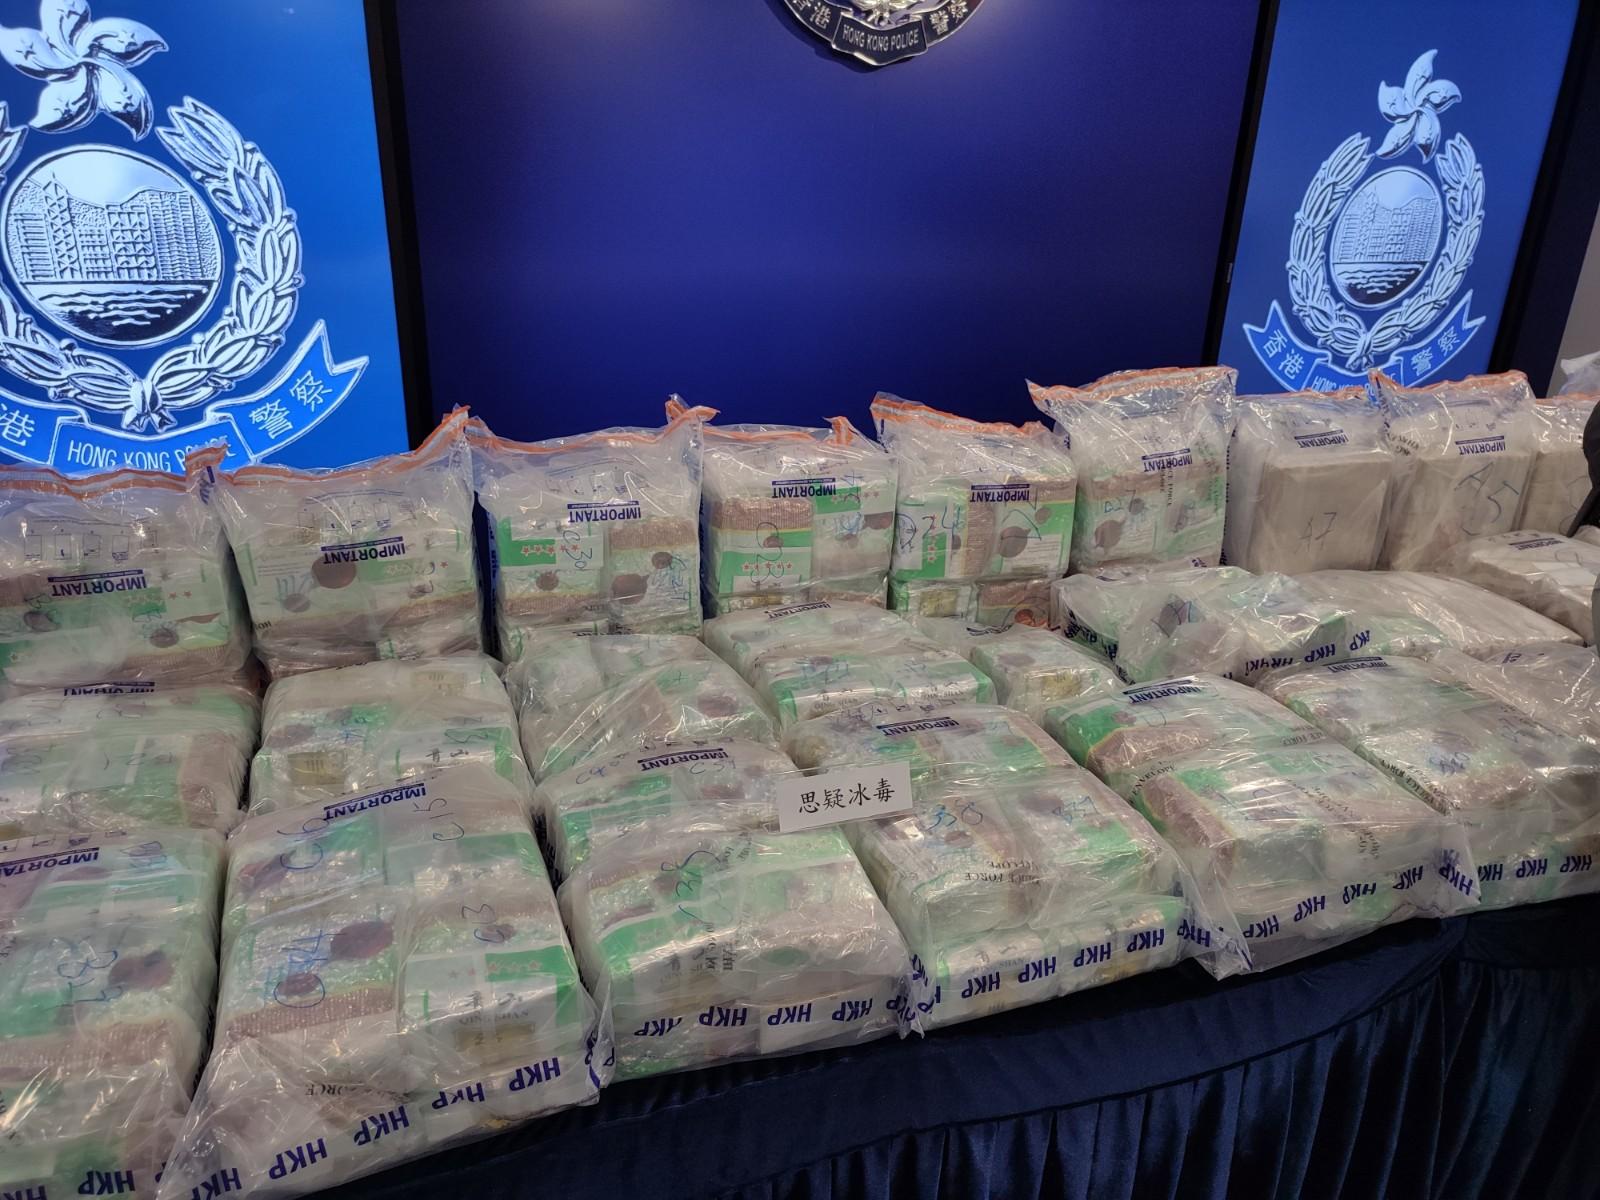 警方搗破長沙灣毒品倉庫 檢值1.95億元冰毒及海洛英